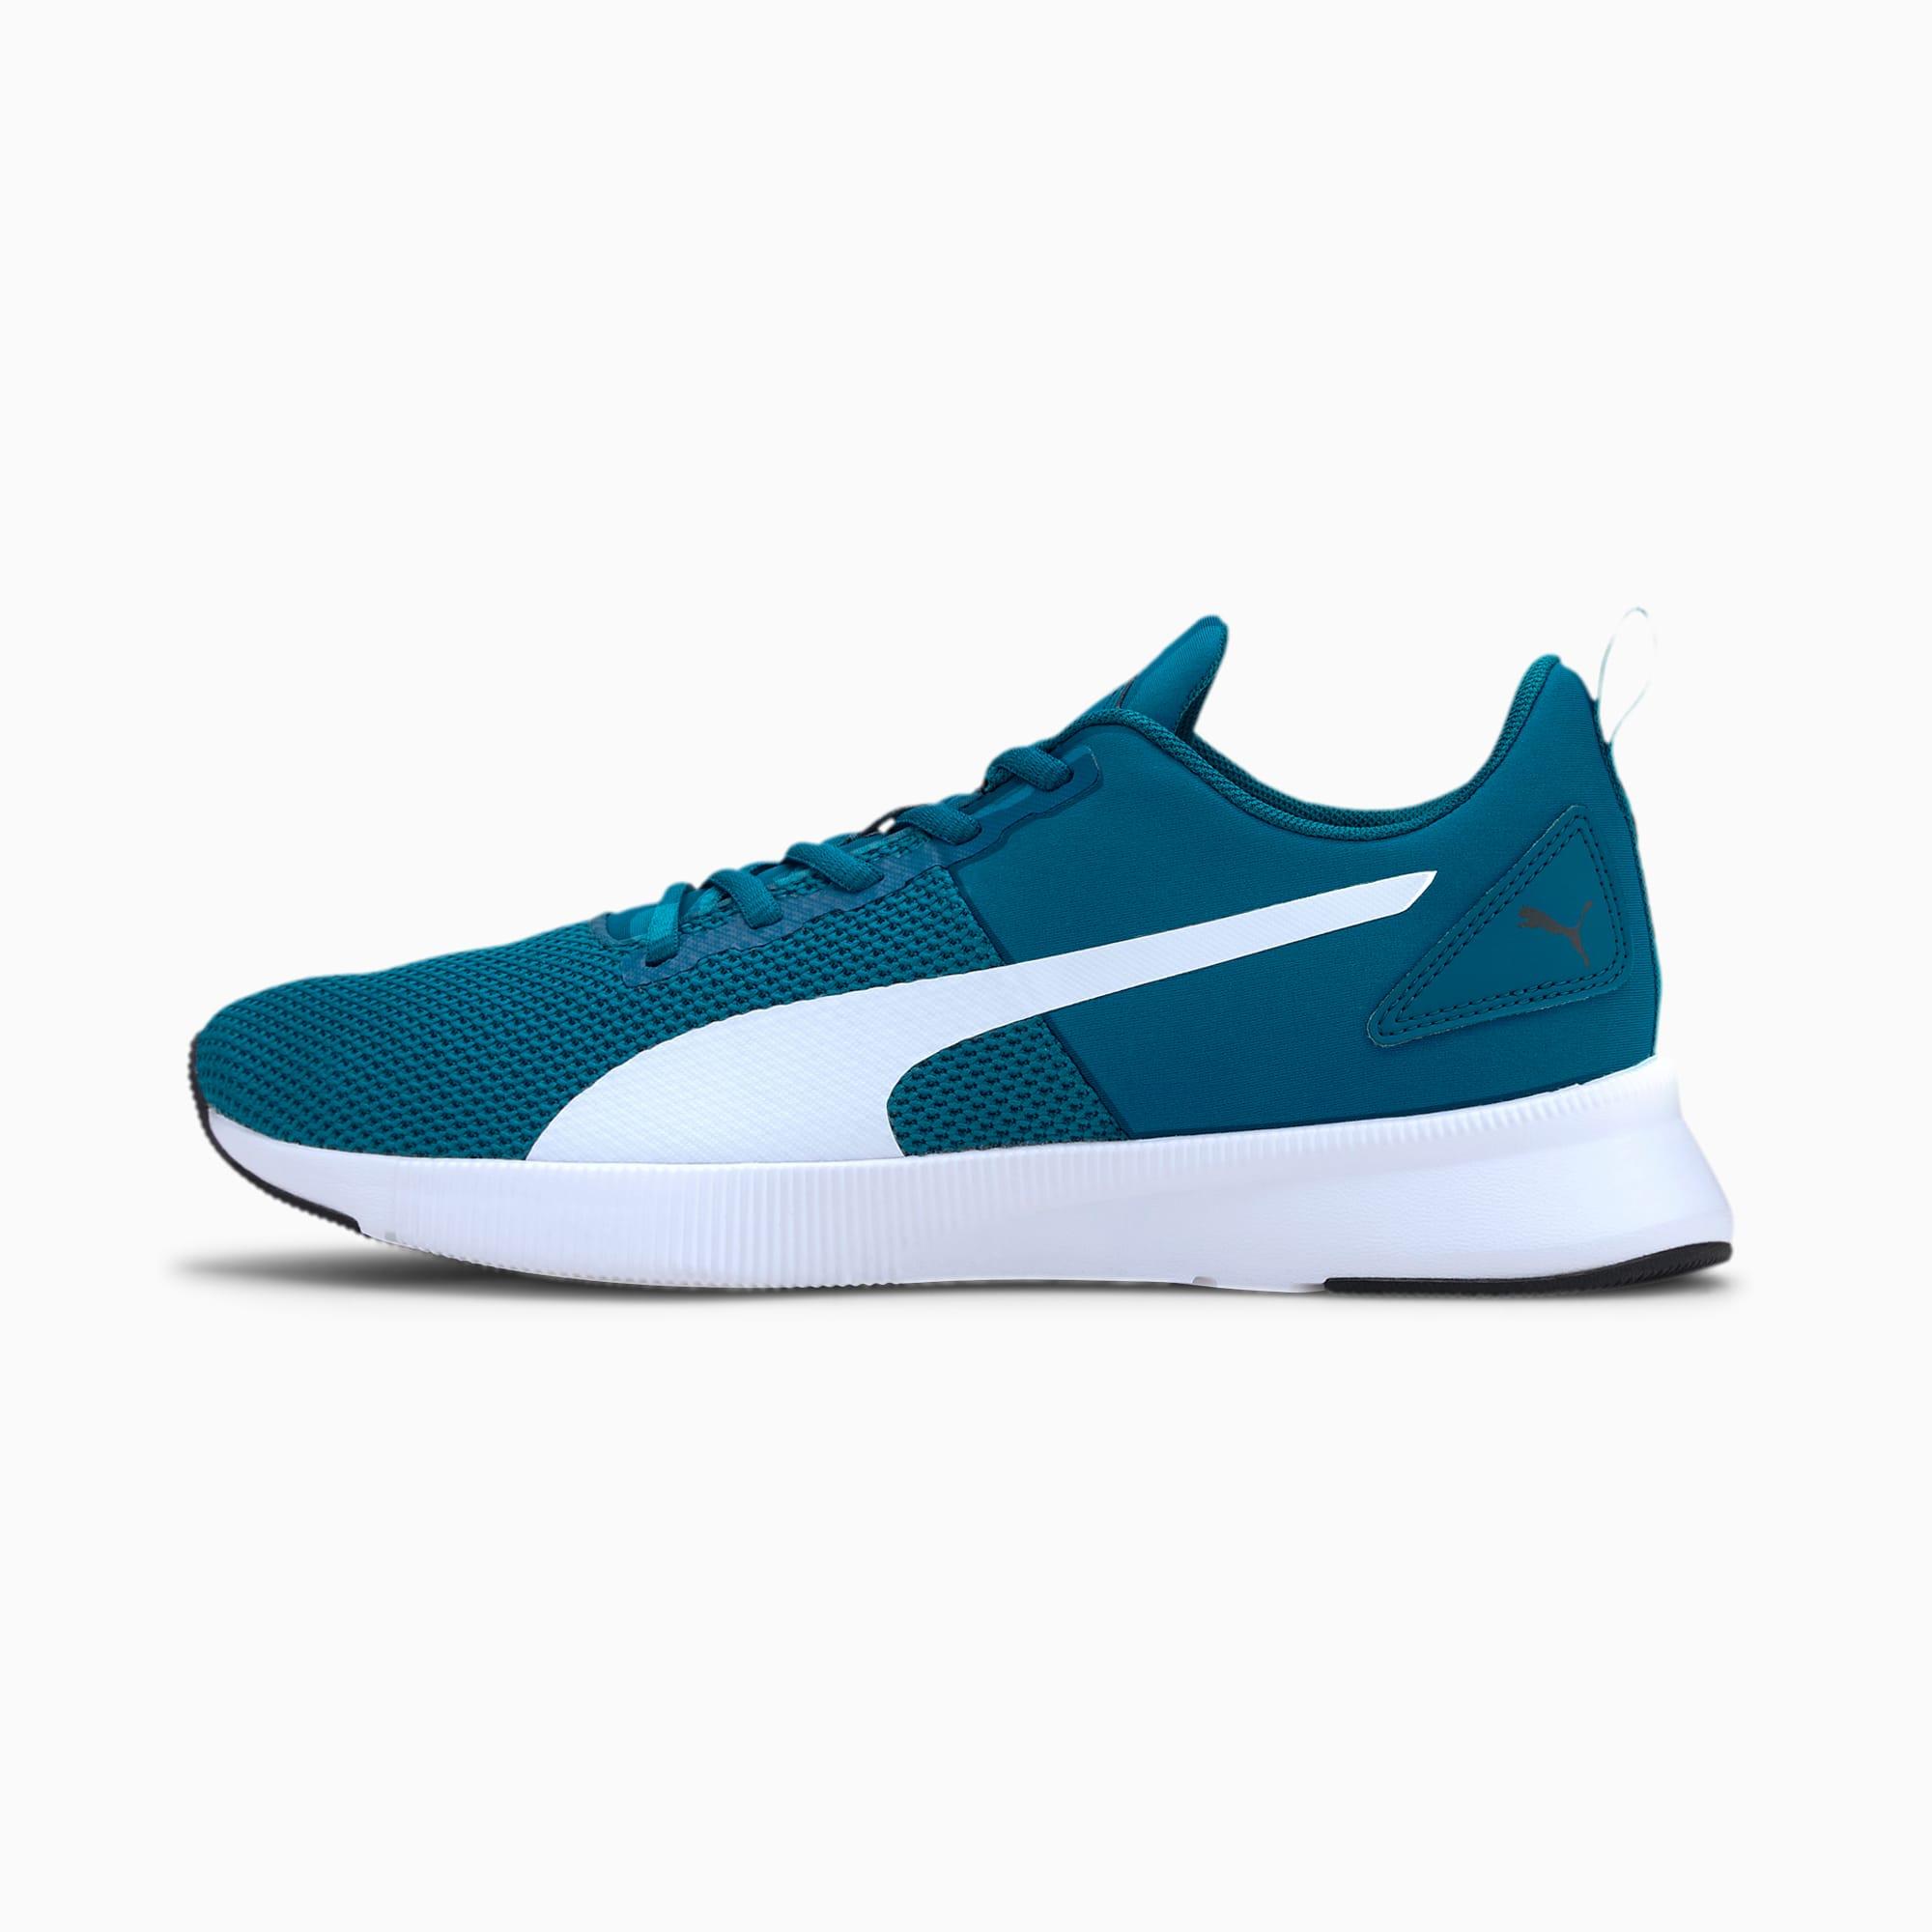 PUMA Chaussure de course Flyer Runner, Blanc/Bleu, Taille 45, Chaussures